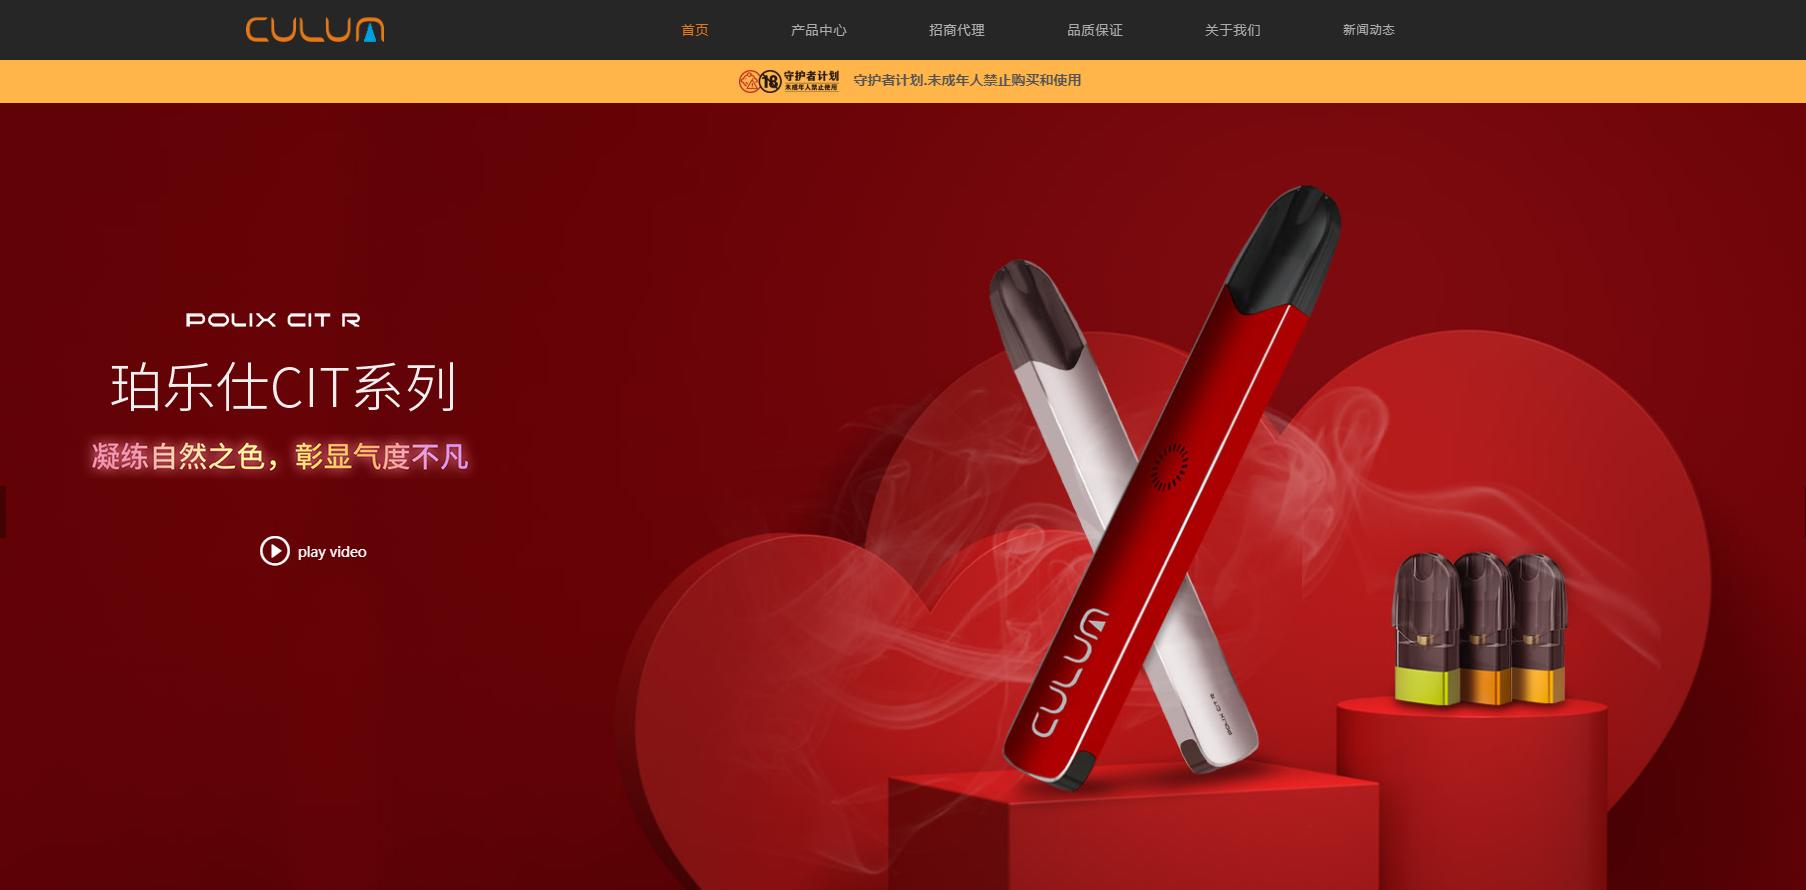 电子烟品牌网站建设-世葆纳科技品牌官网正式上线